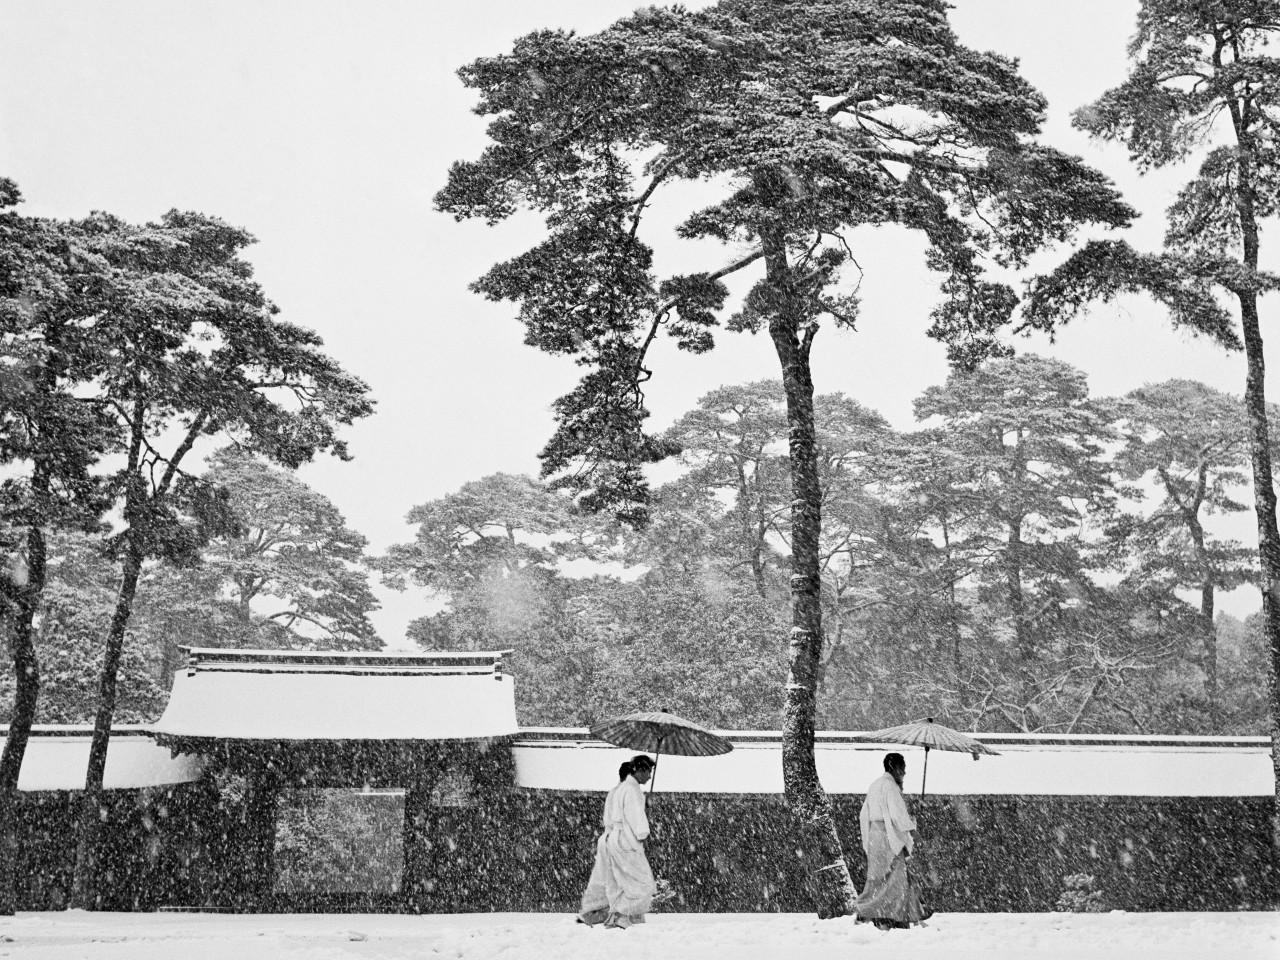 Синтоистские священники в саду храма Мэйдзи, Токио, 1951. Фотограф Вернер Бишоф